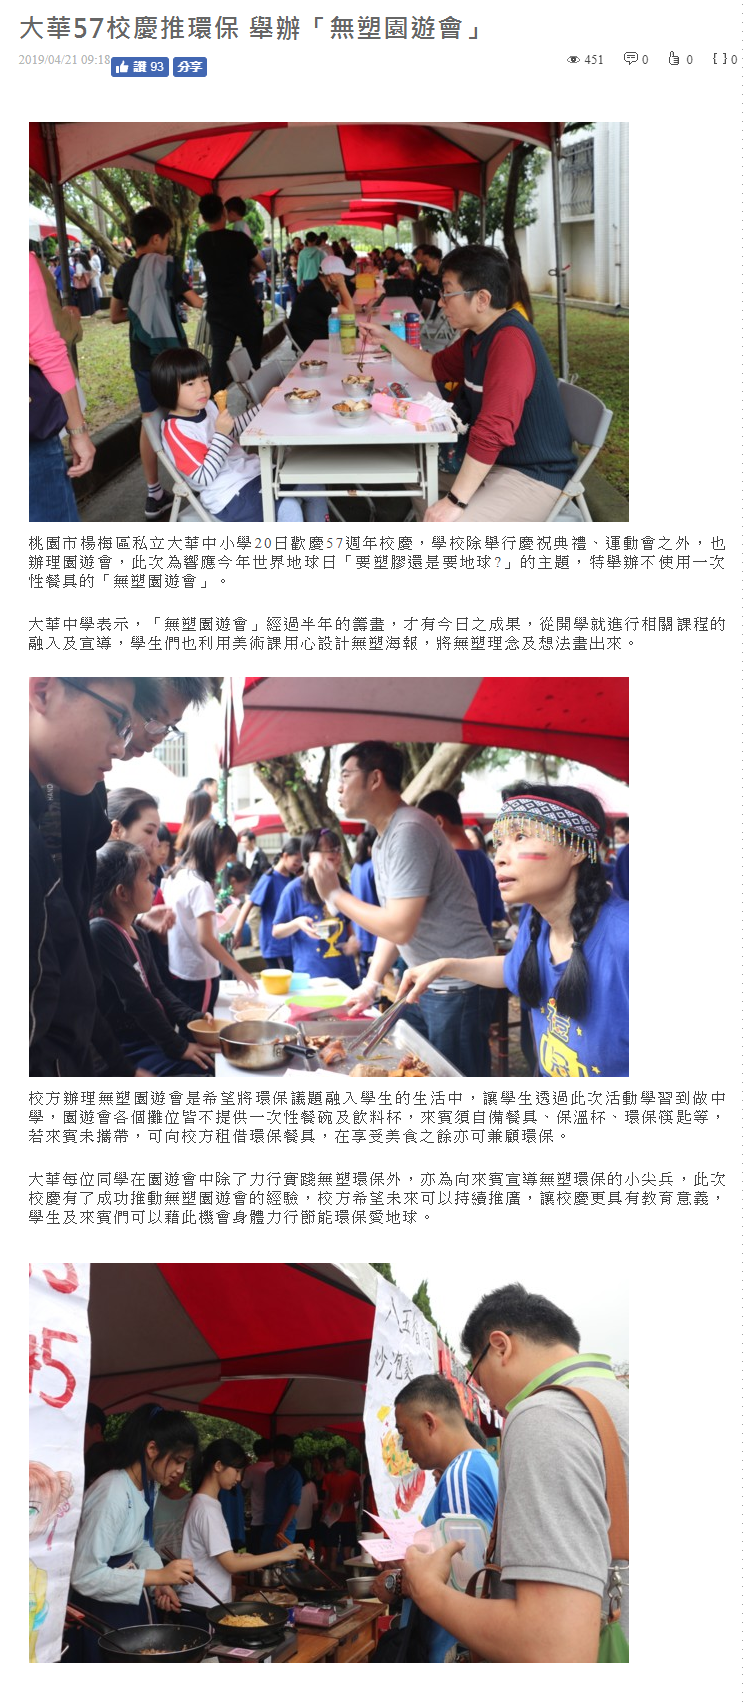 大華57校慶推環保 舉辦無塑園遊會